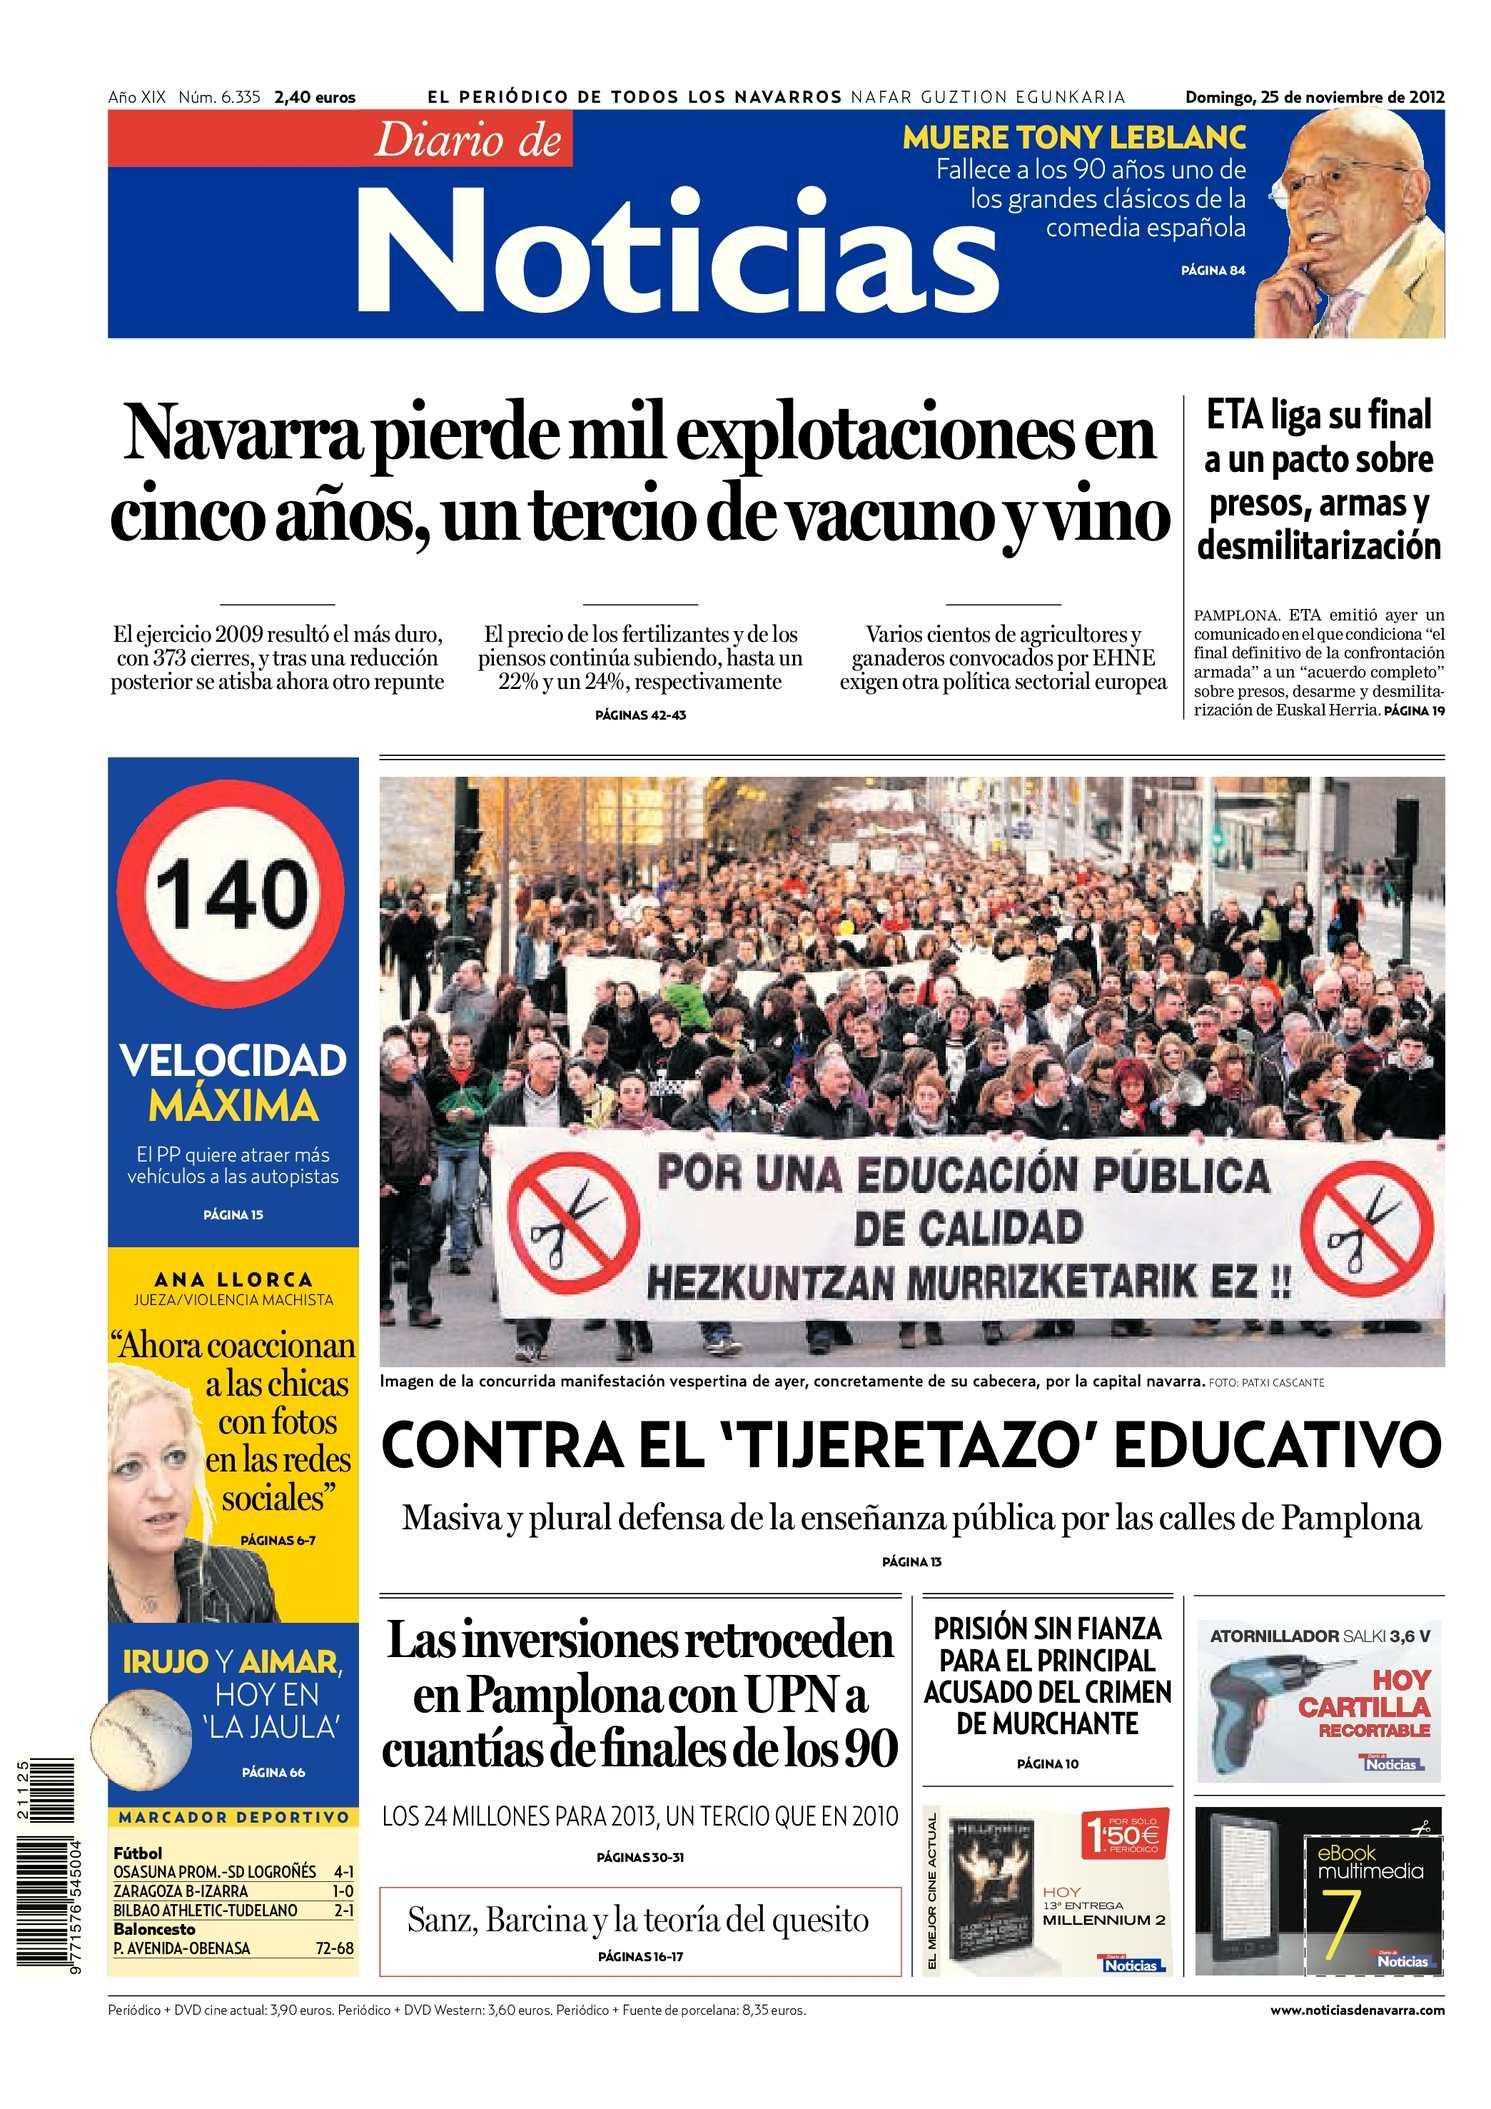 Calaméo - Diario de Noticias 20121125 42a53608566